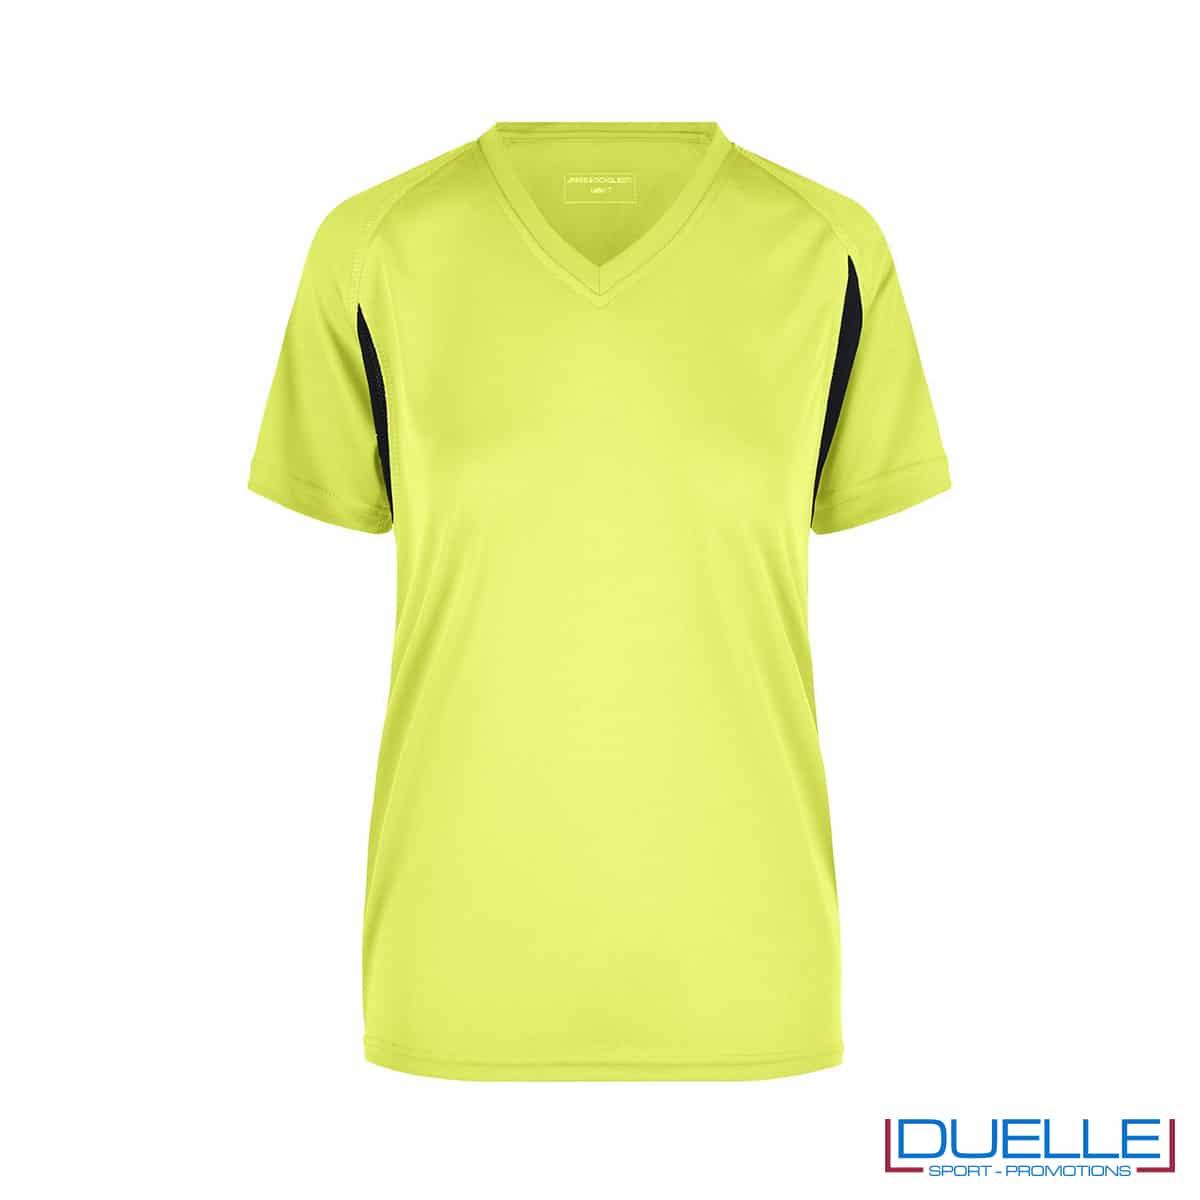 T-shirt running donna personalizzata colore giallo fluo-nero